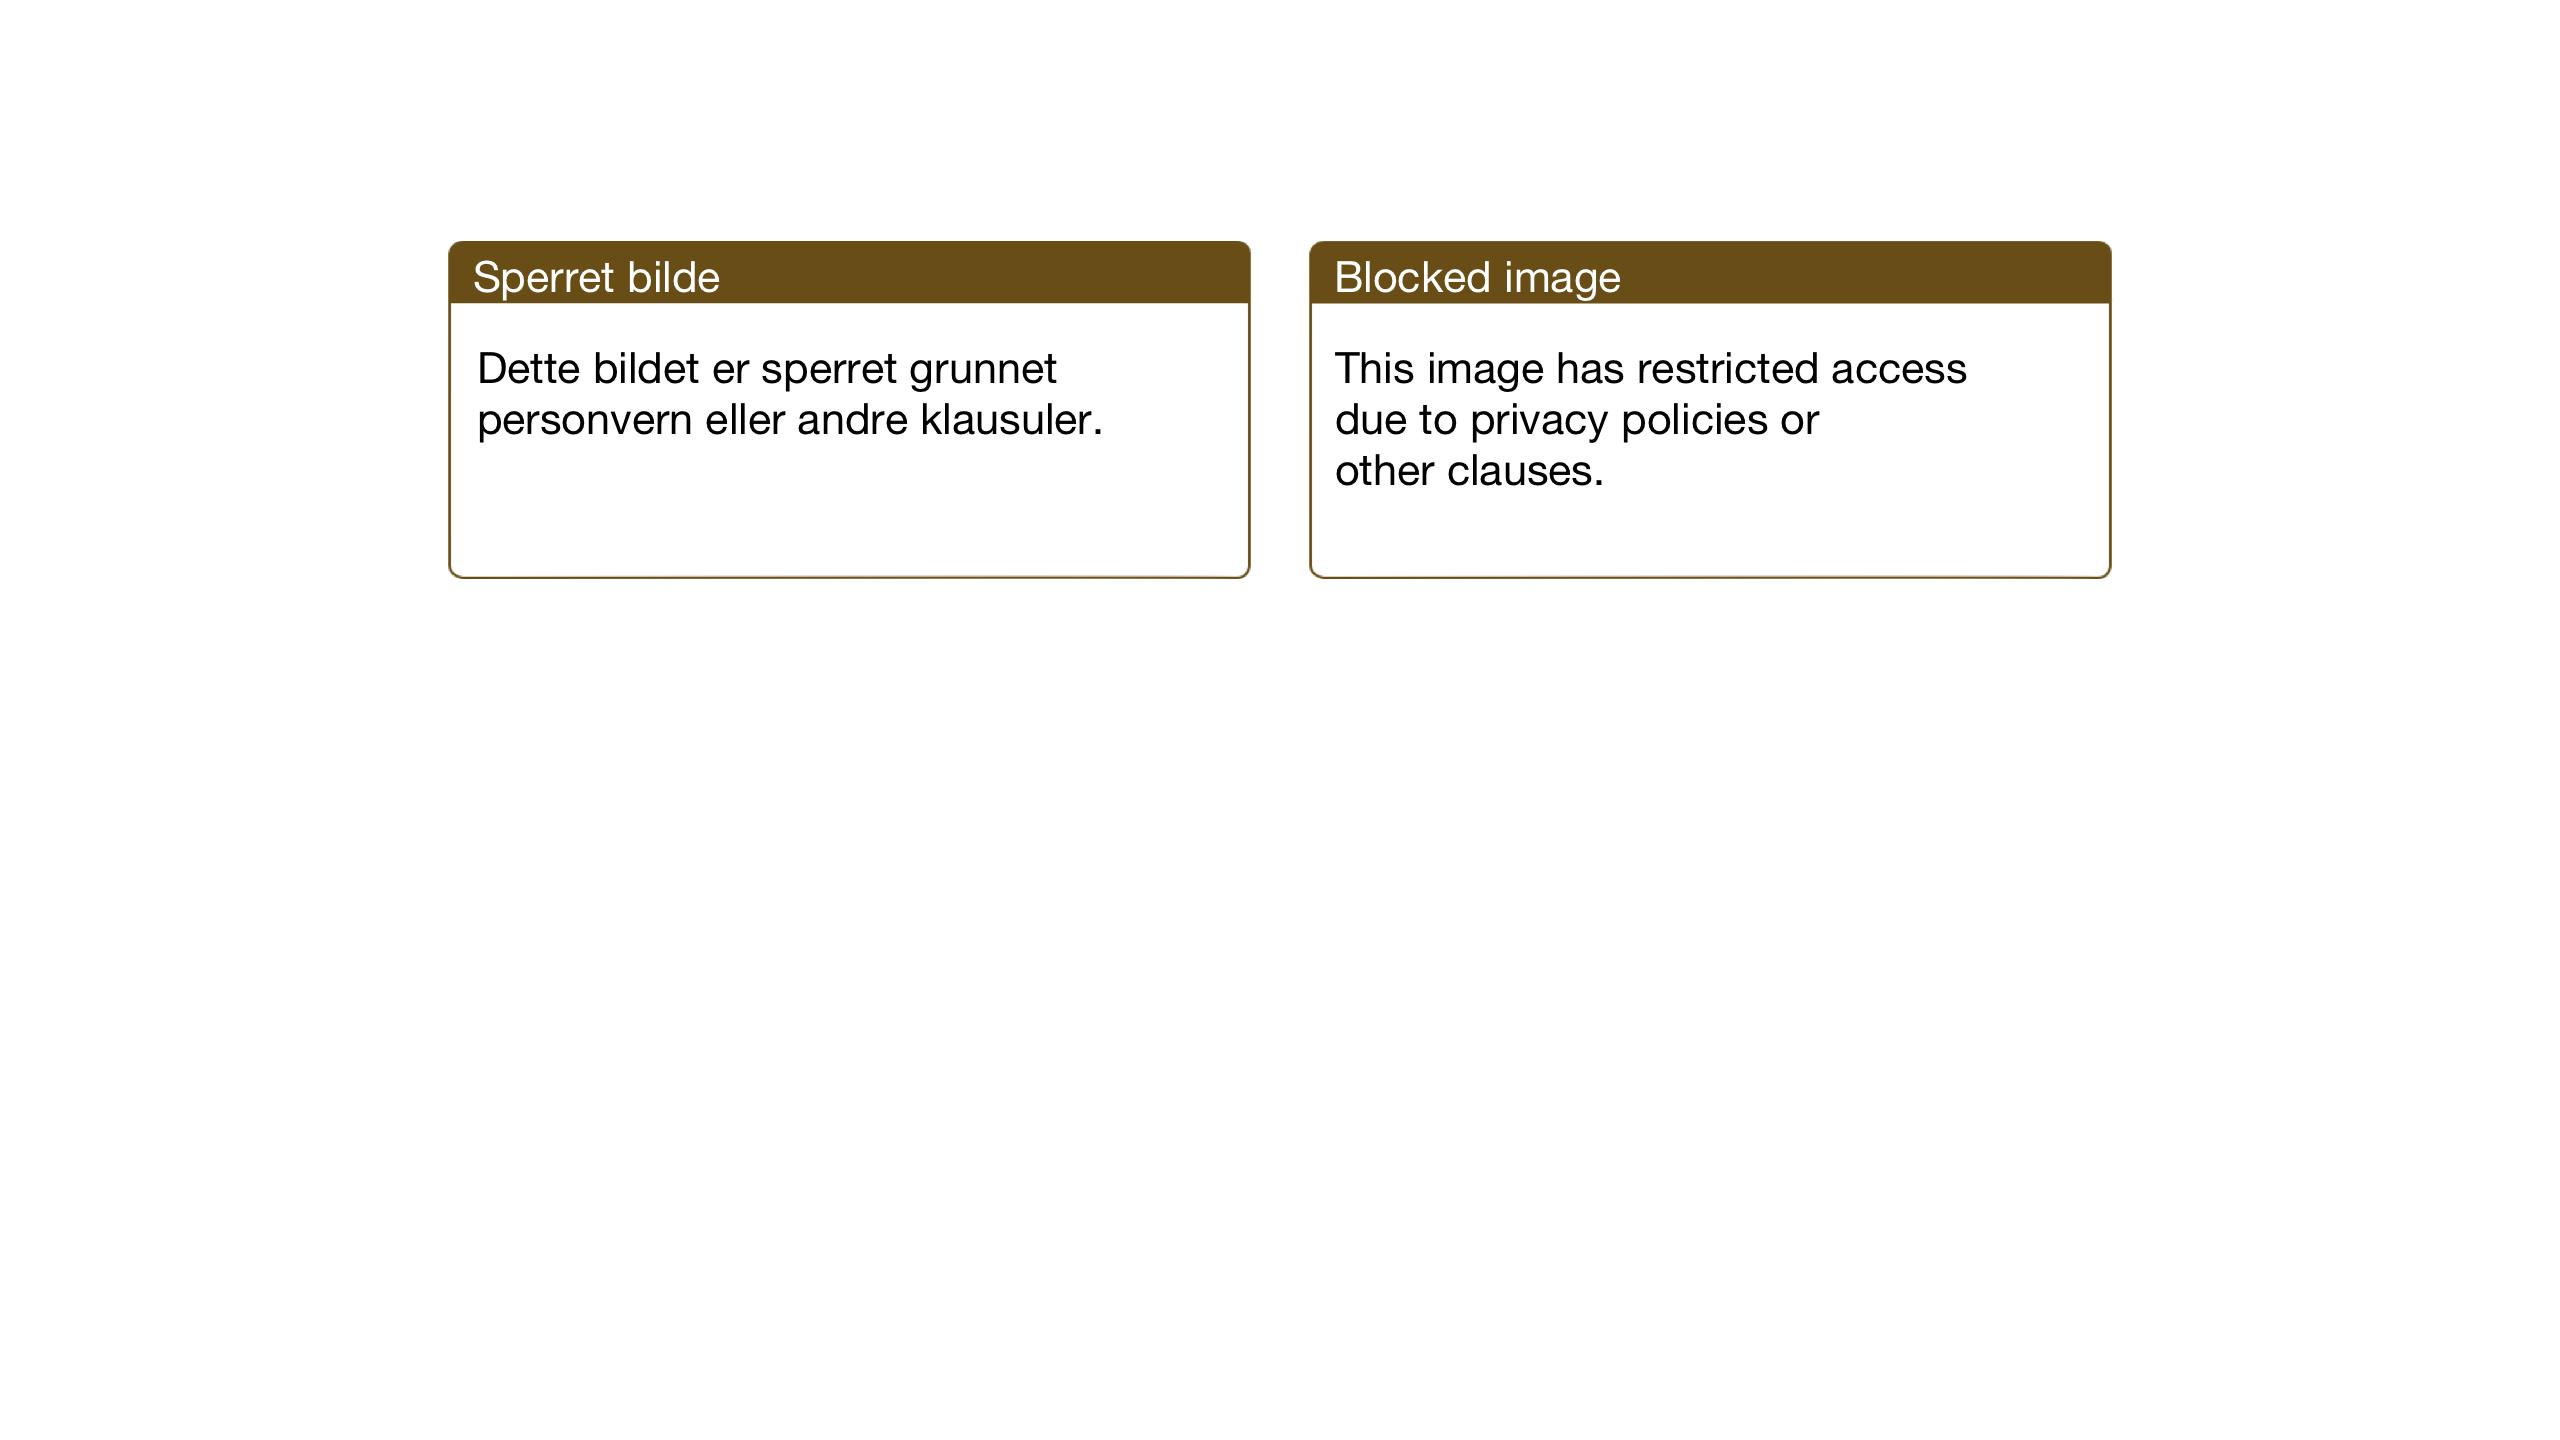 SAT, Ministerialprotokoller, klokkerbøker og fødselsregistre - Sør-Trøndelag, 630/L0508: Klokkerbok nr. 630C06, 1933-1950, s. 229